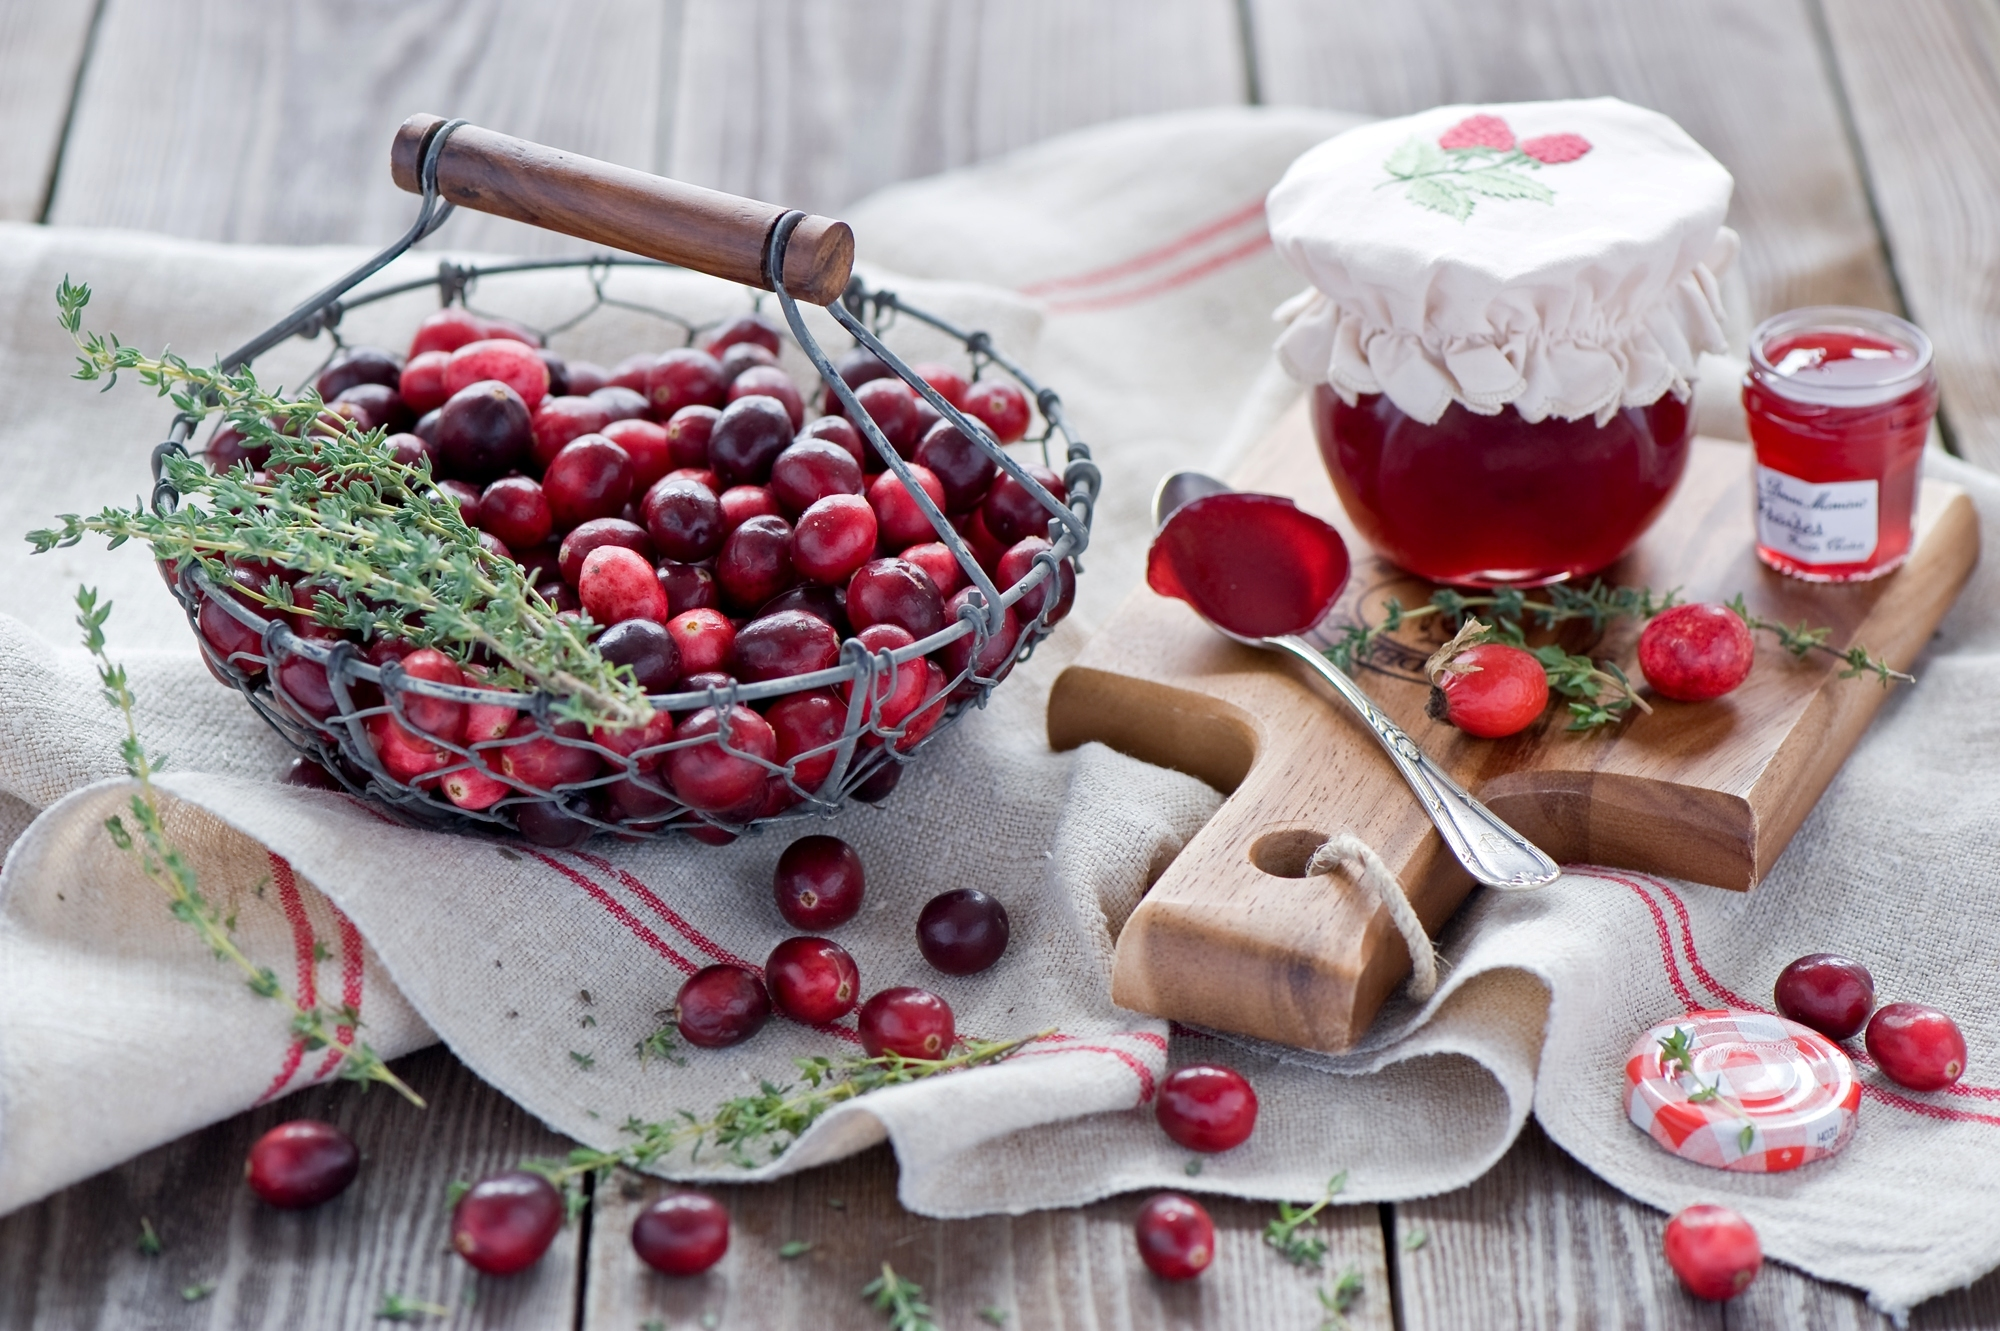 Чай и сухофрукты  № 674243 бесплатно